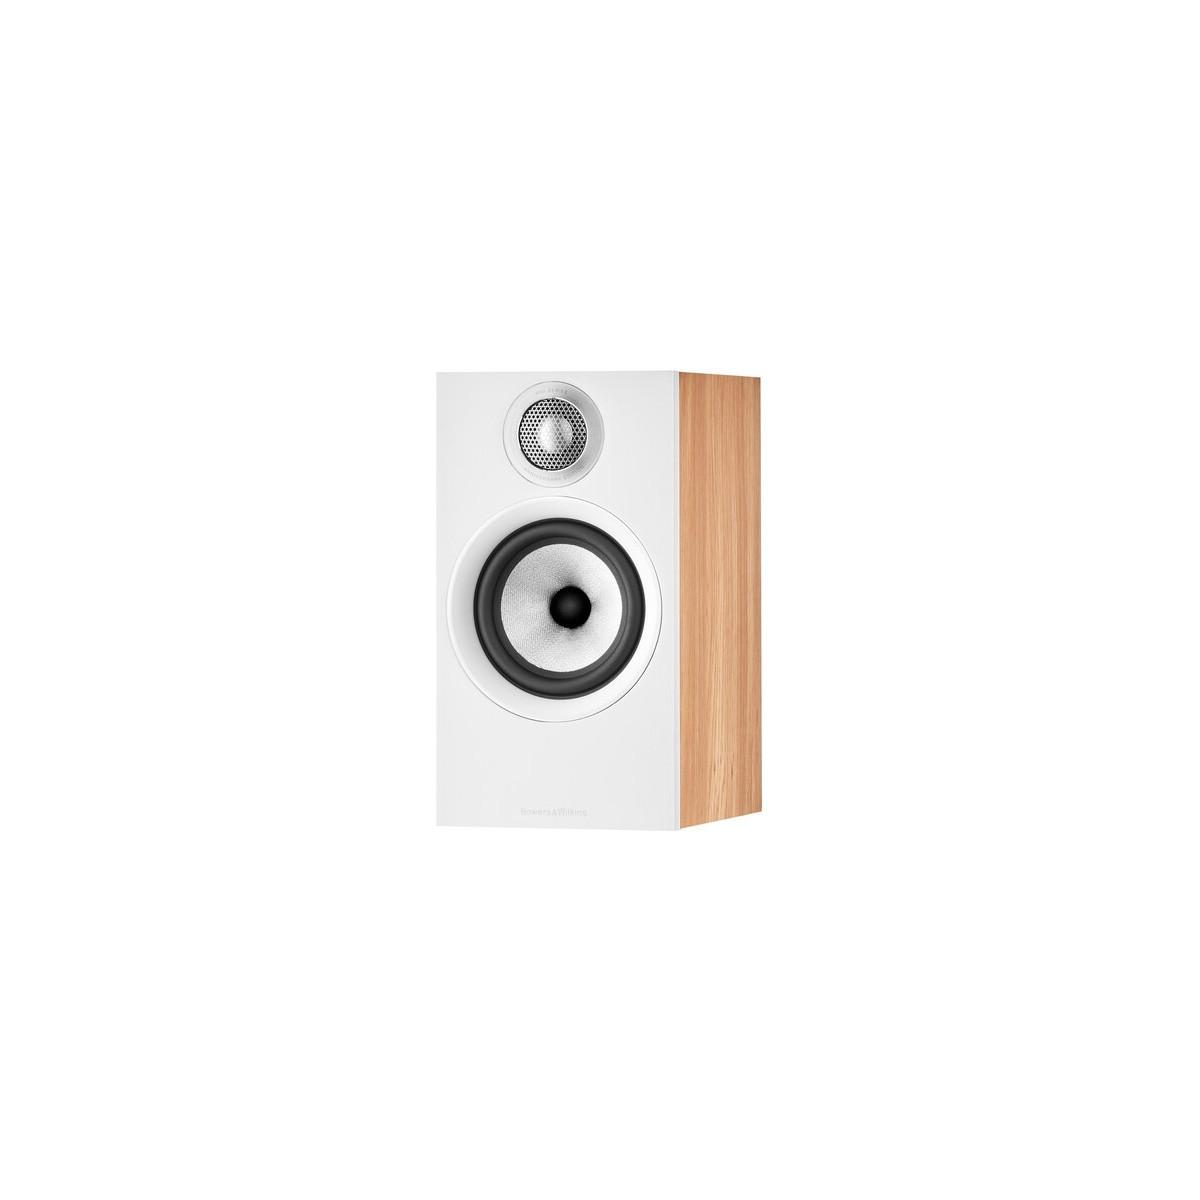 Állványra / polcra helyezhető hangsugárzó 607 S2 ANNIVERSARY EDITION